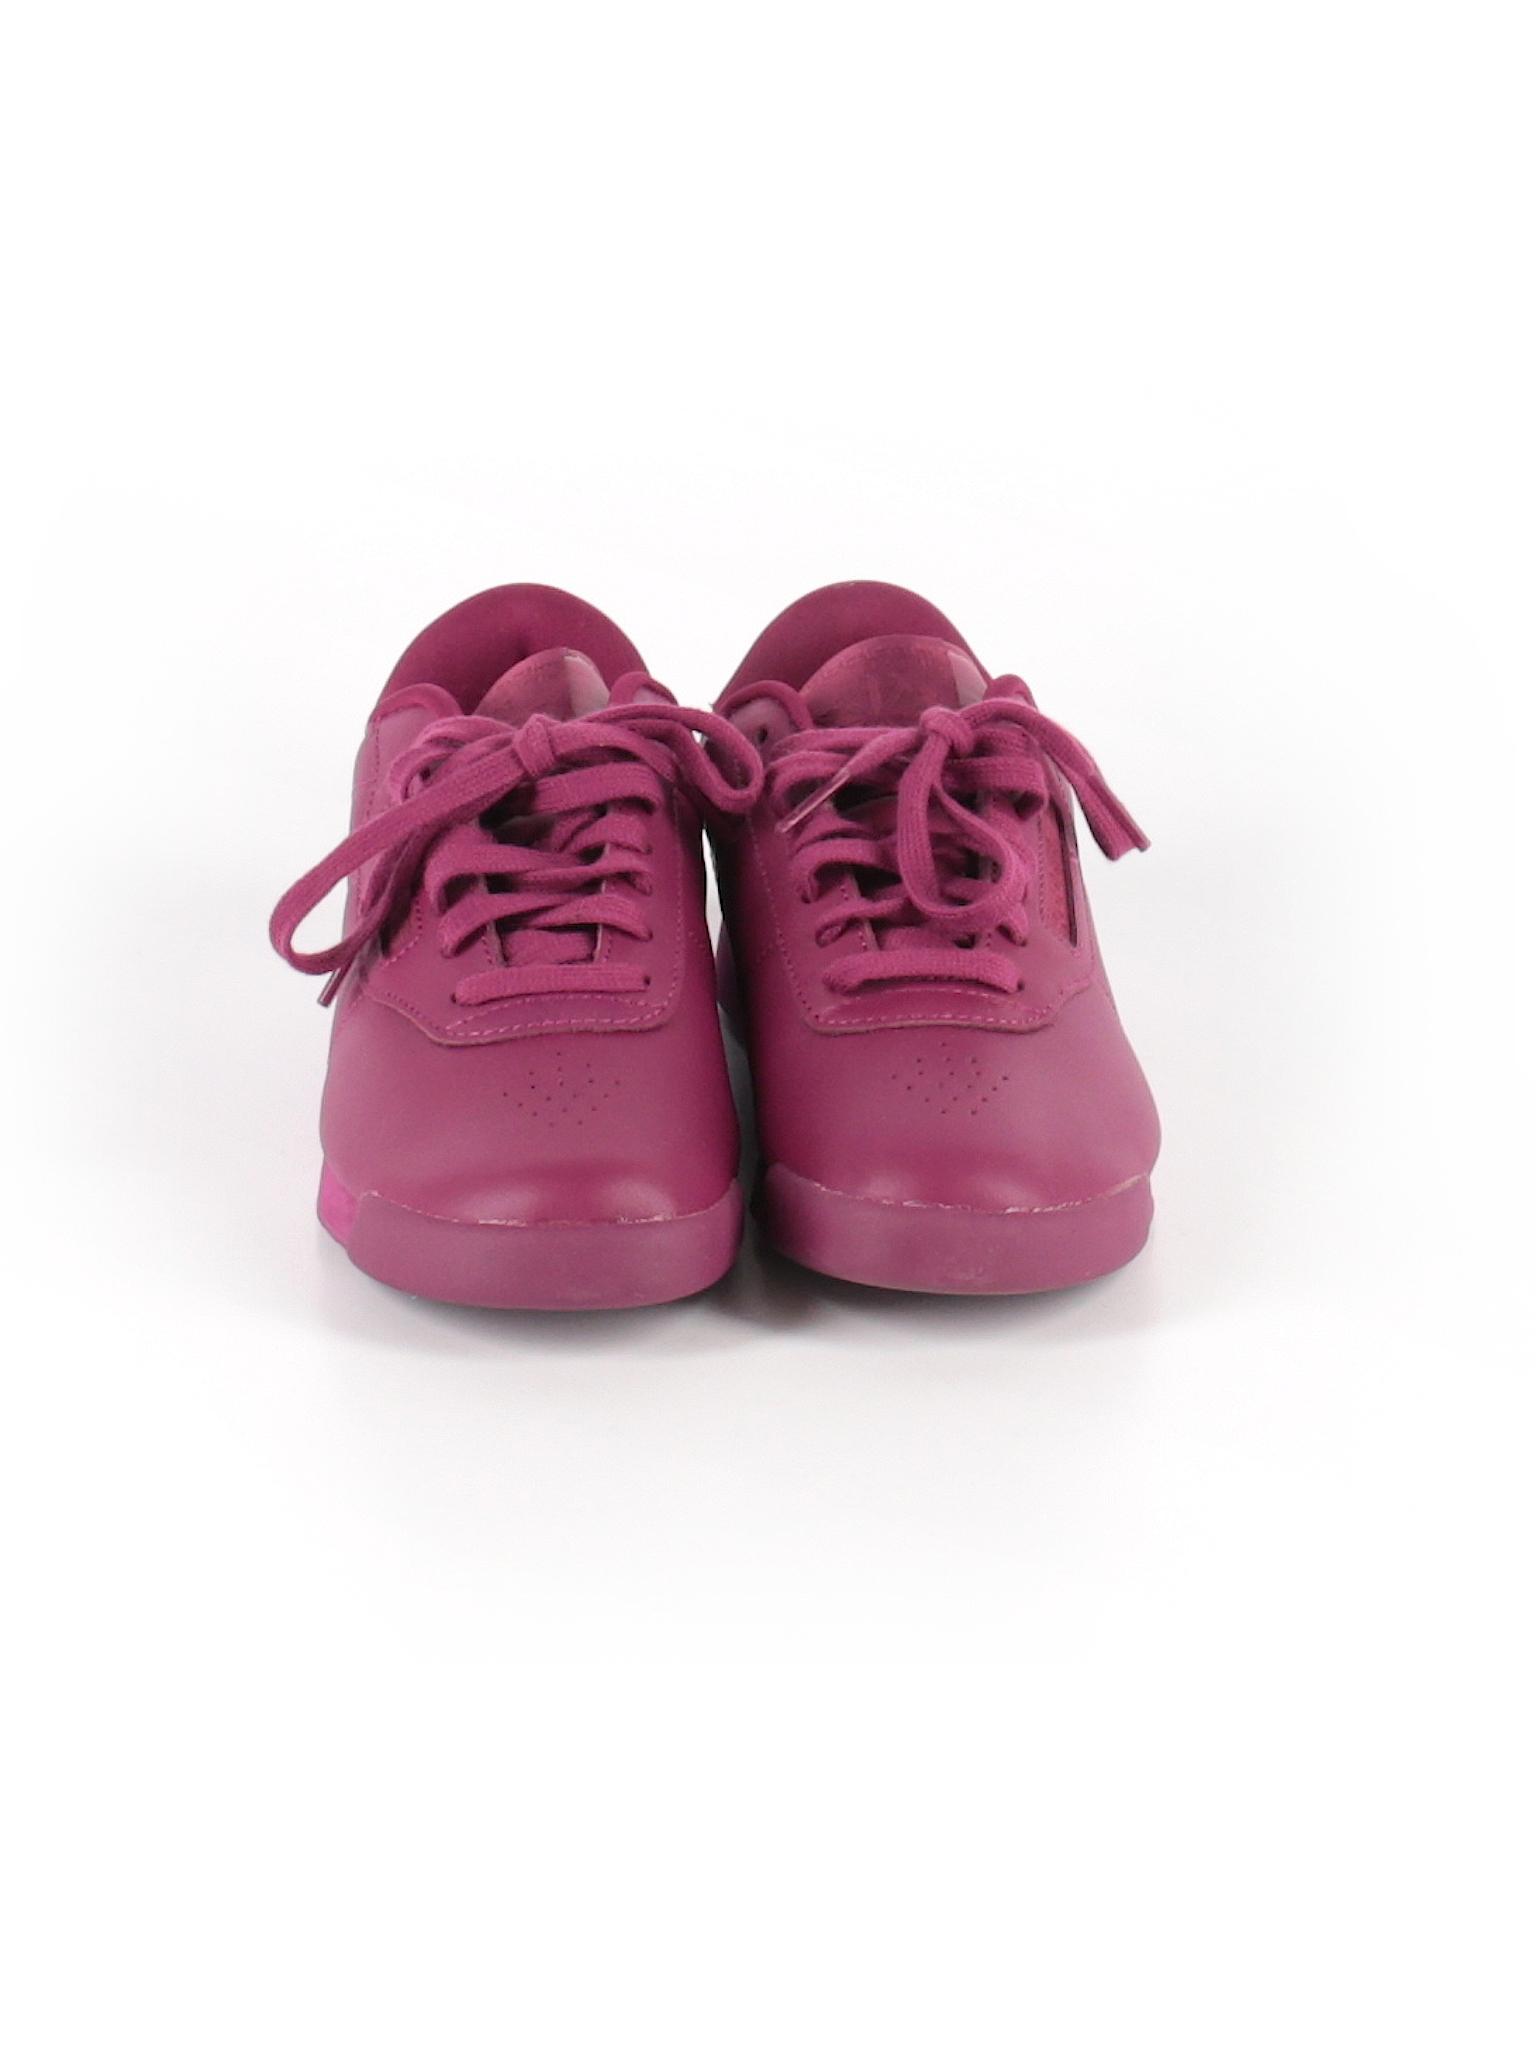 Boutique Reebok Sneakers Boutique promotion promotion qrYFUqa